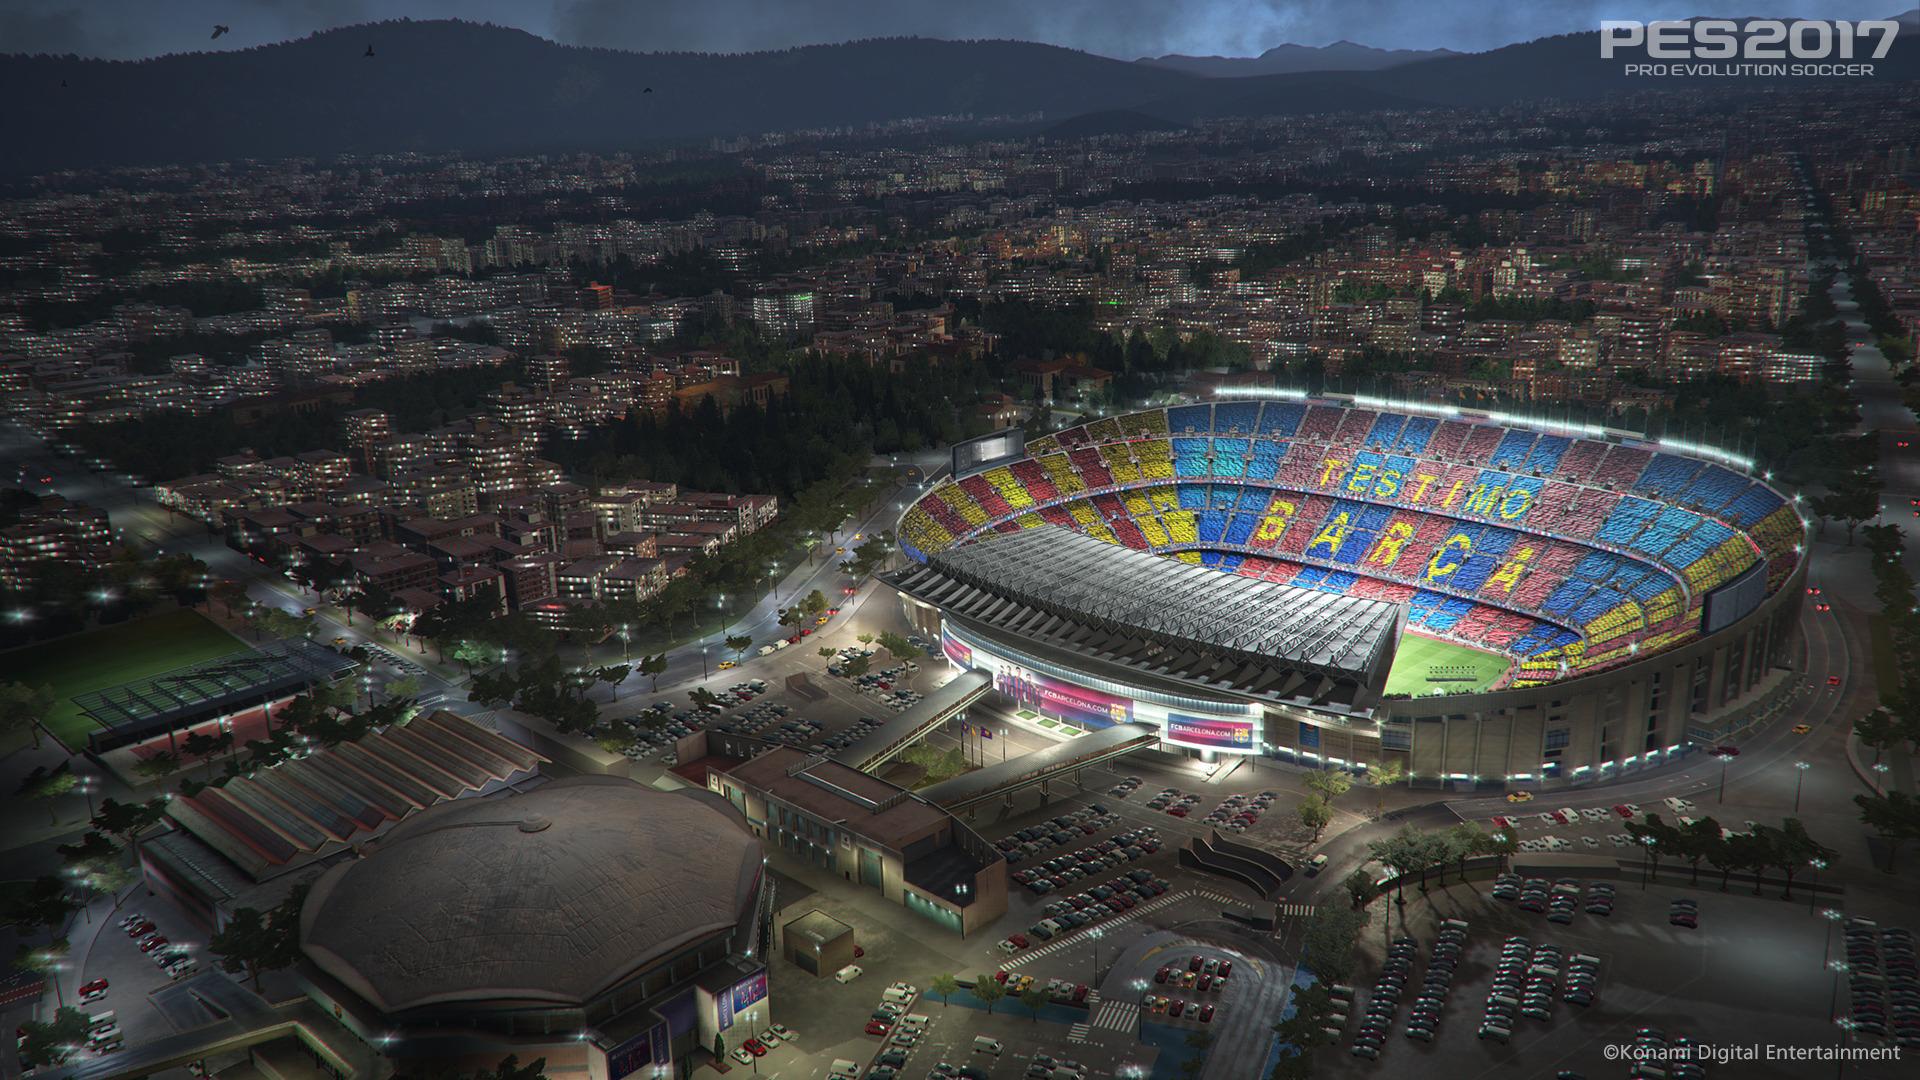 Hráči Barcelony hvězdami PES 2017 127697